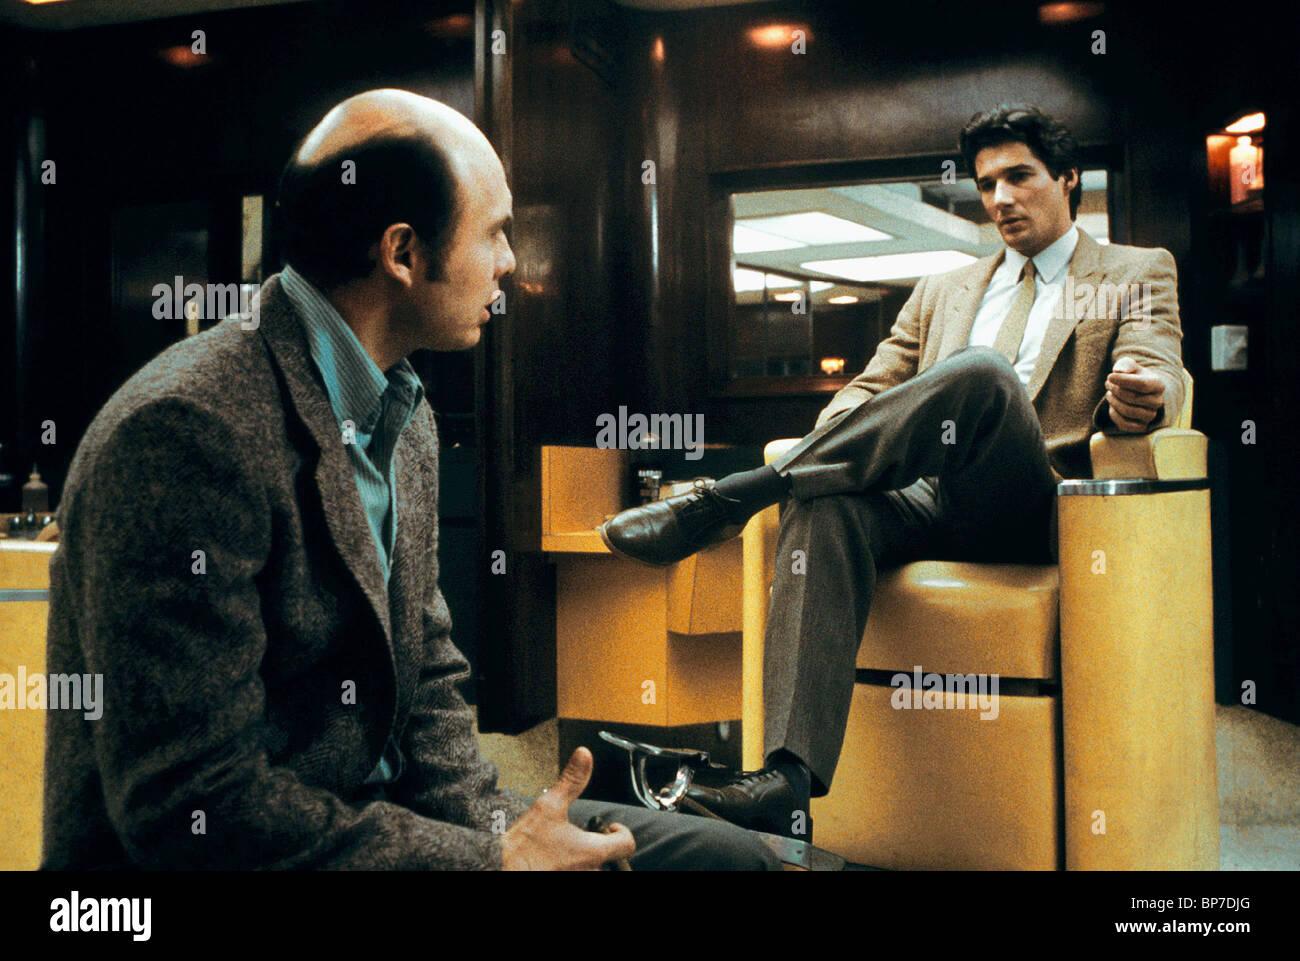 418d7a0e50564 American Gigolo Richard Gere Stock Photos   American Gigolo Richard ...